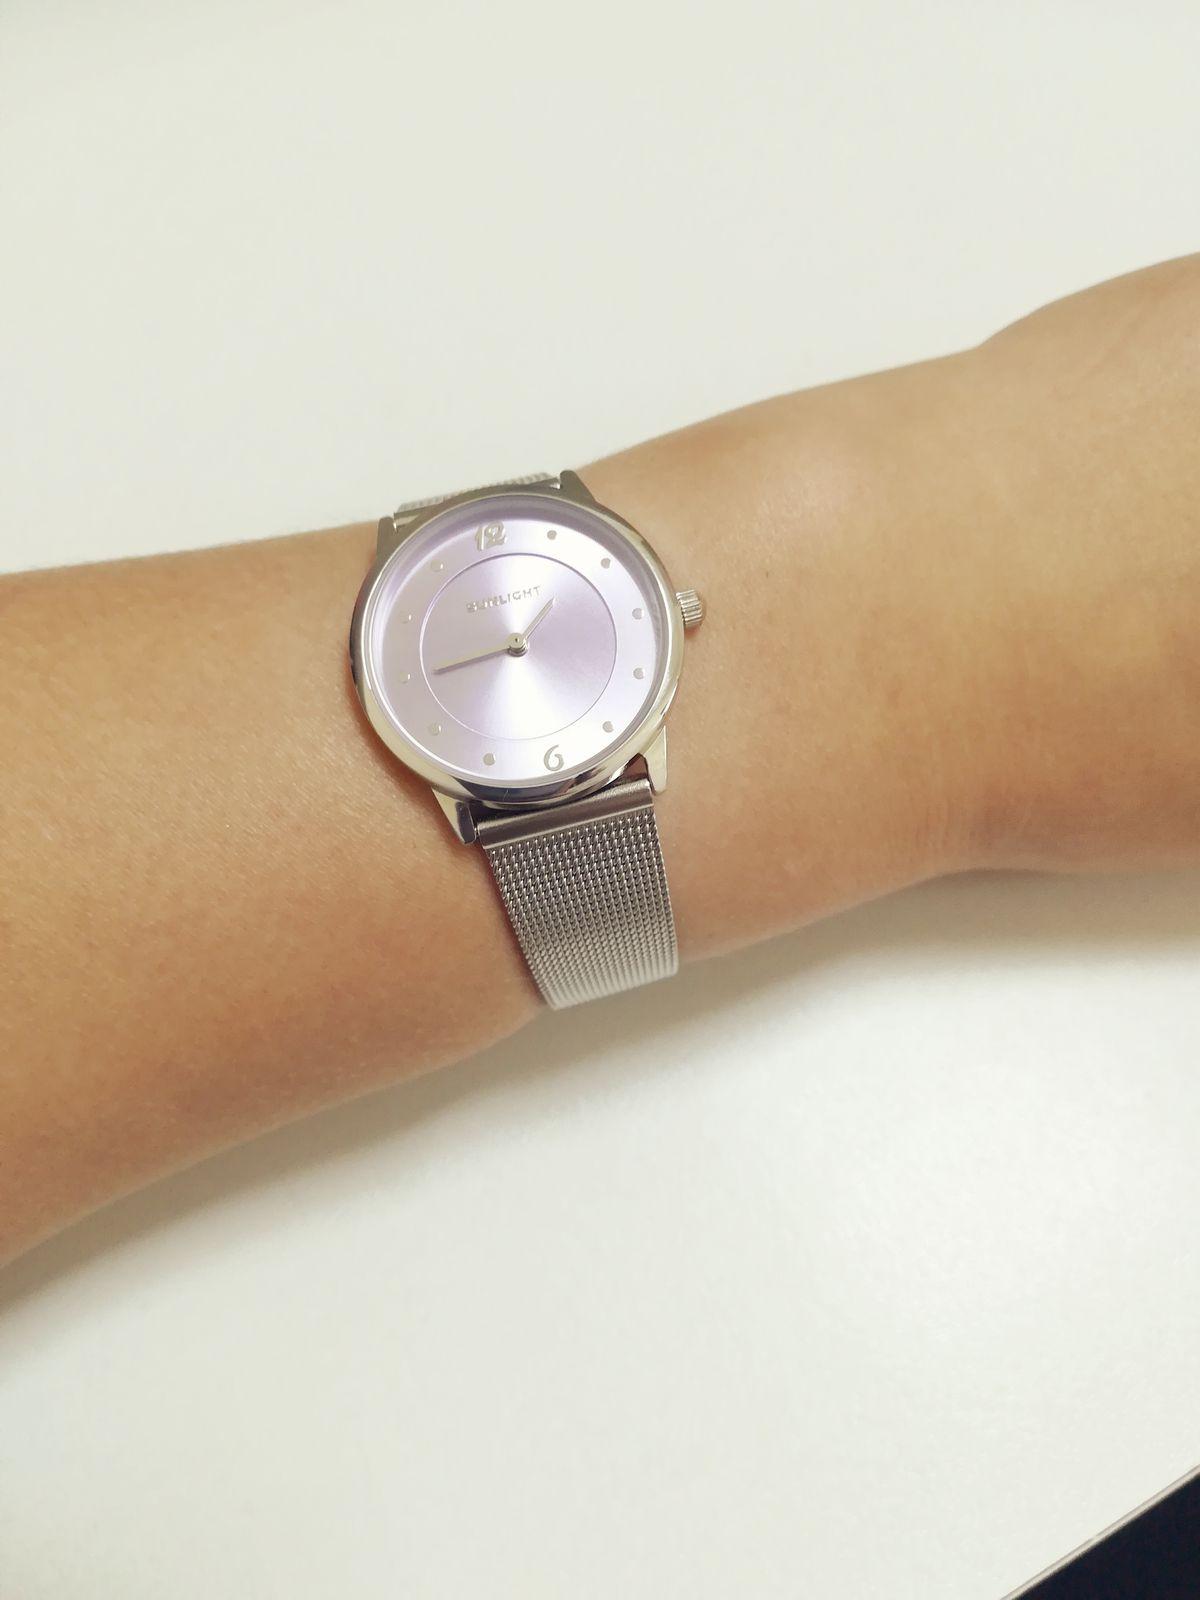 Часы на миланском ремешке!